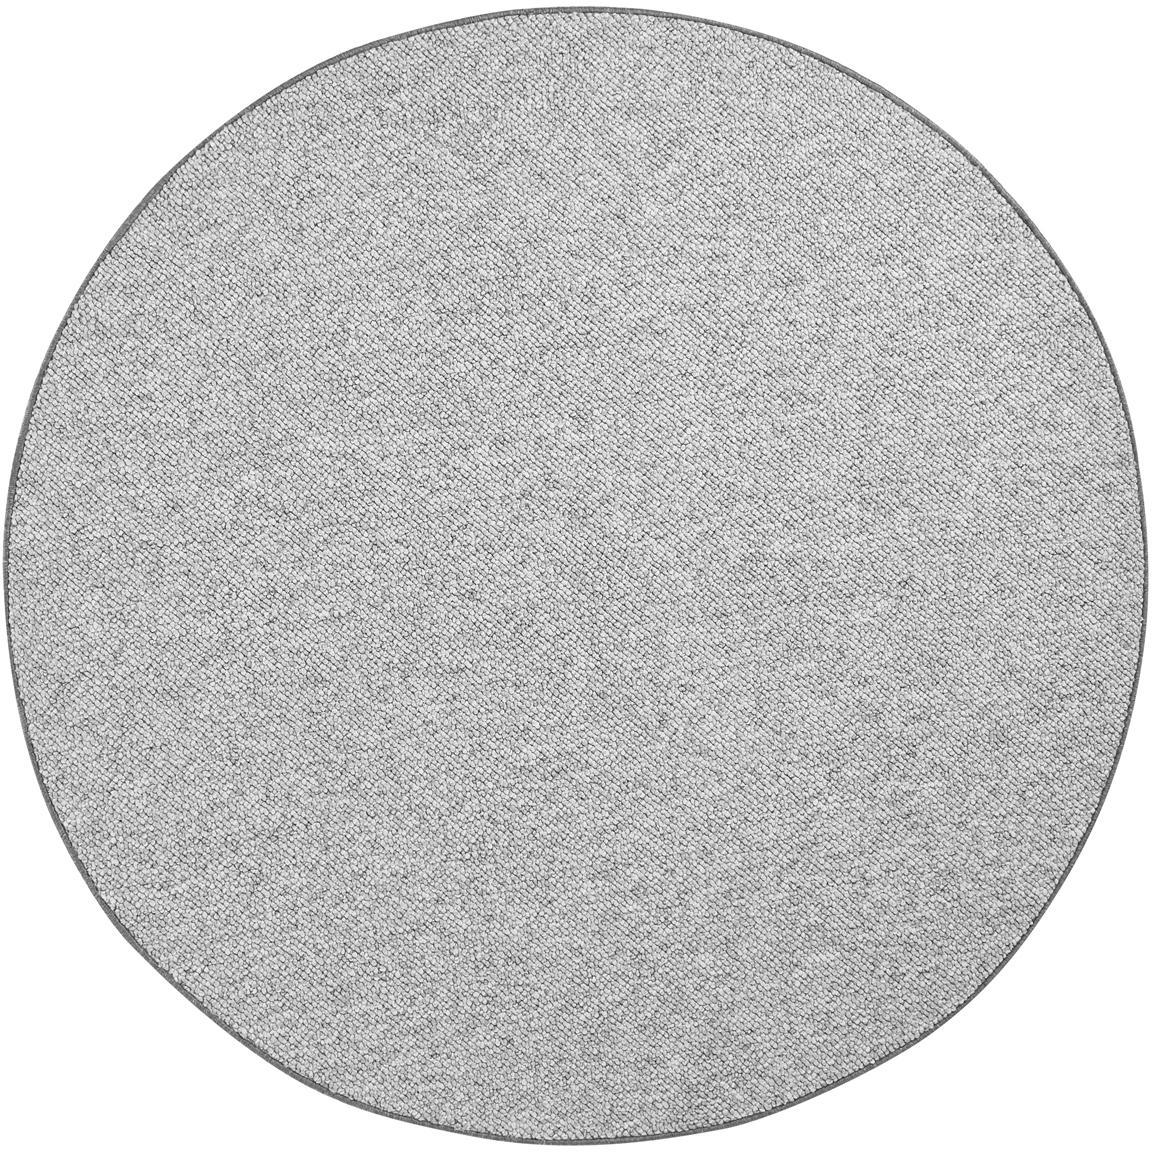 Runder Teppich Lyon mit Schlingen-Flor, Flor: 100% Polypropylen Rücken, Grau, melangiert, Ø 200 cm (Grösse L)